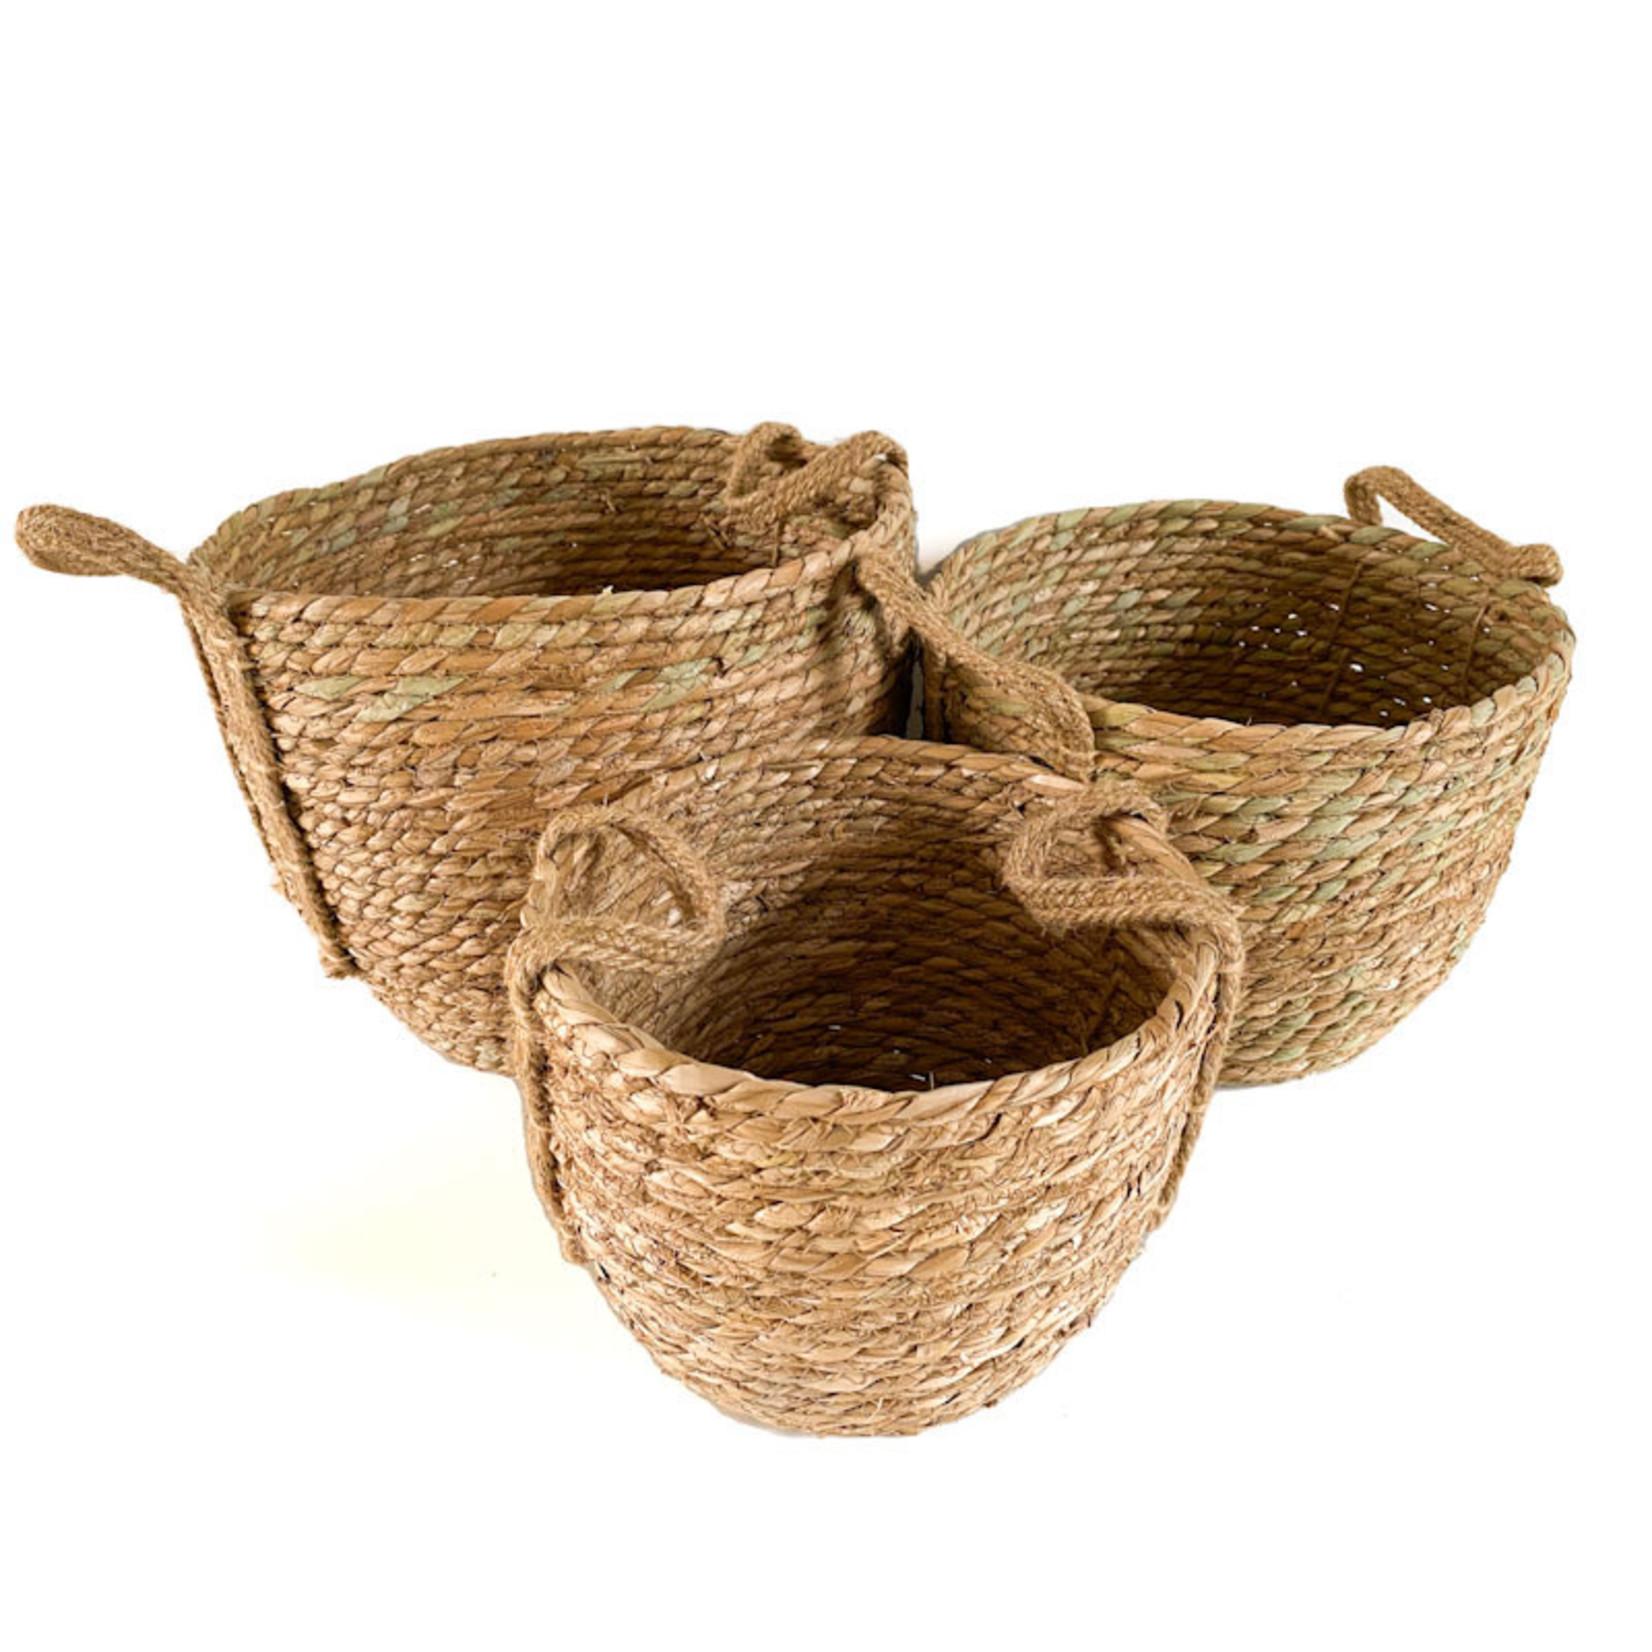 Jute Basket - round natural